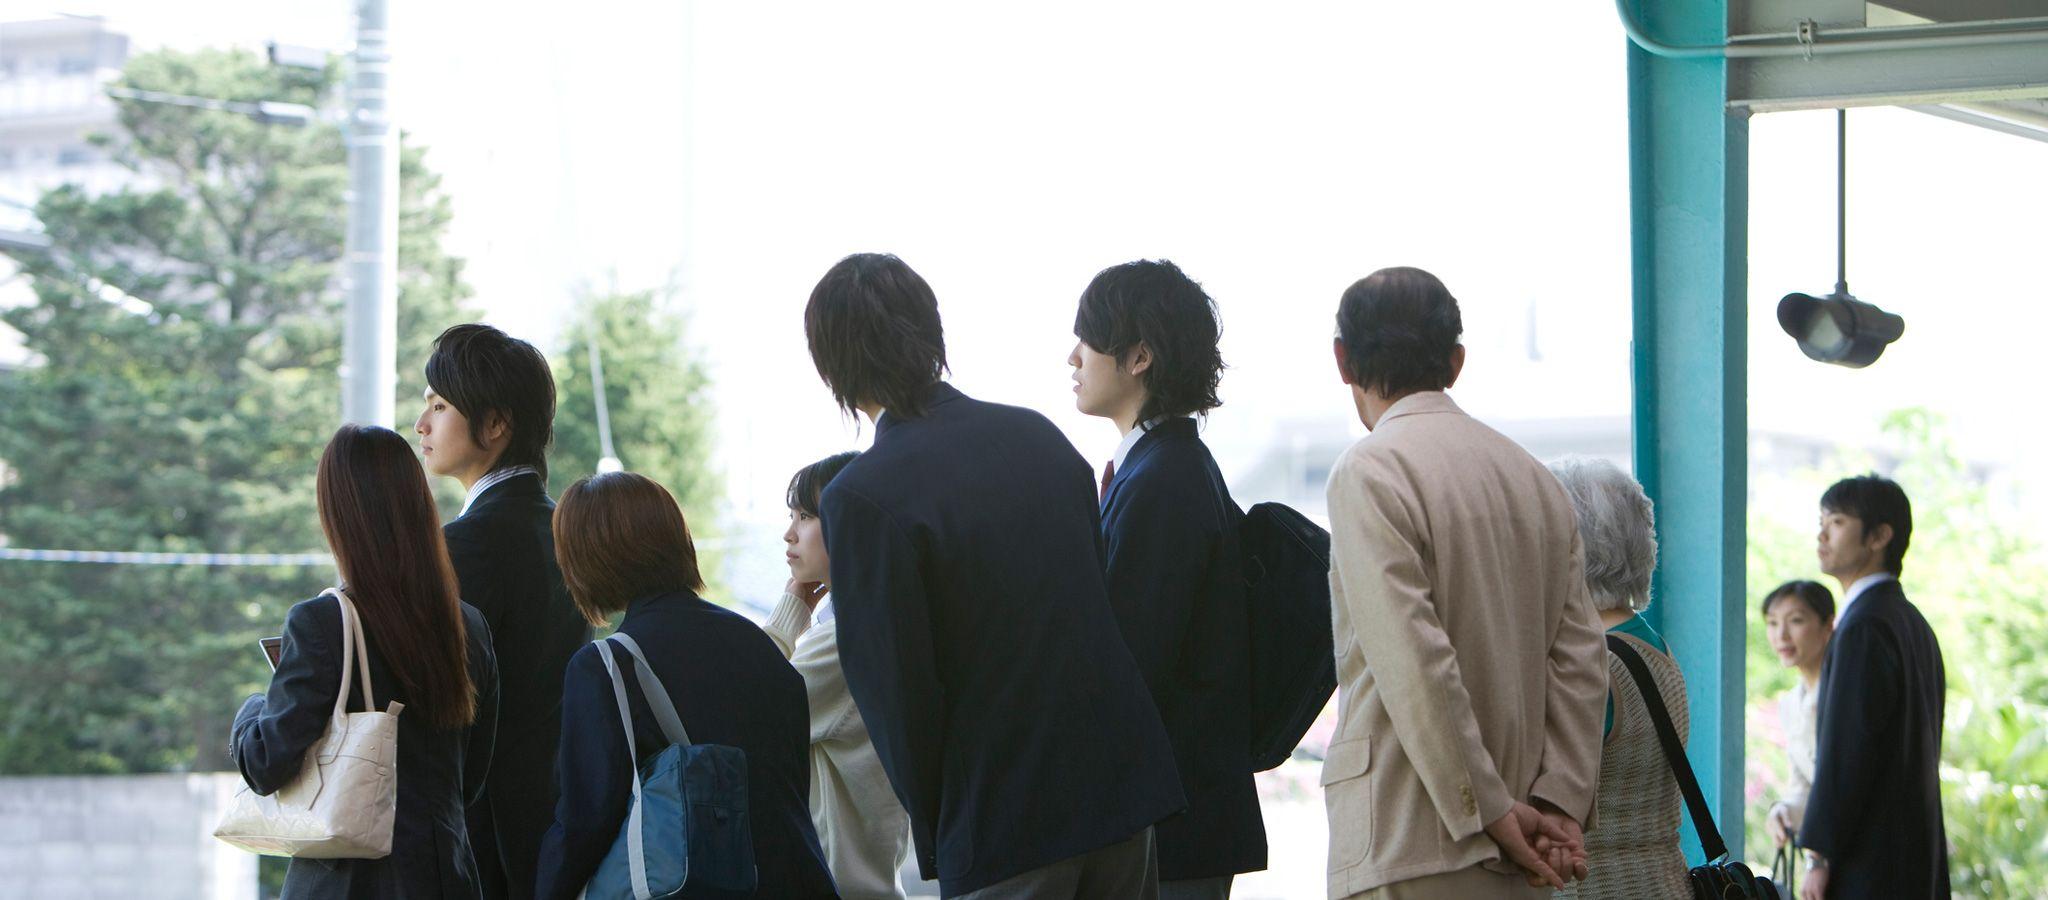 茨城県、3年で10校も中高一貫校つくる理由